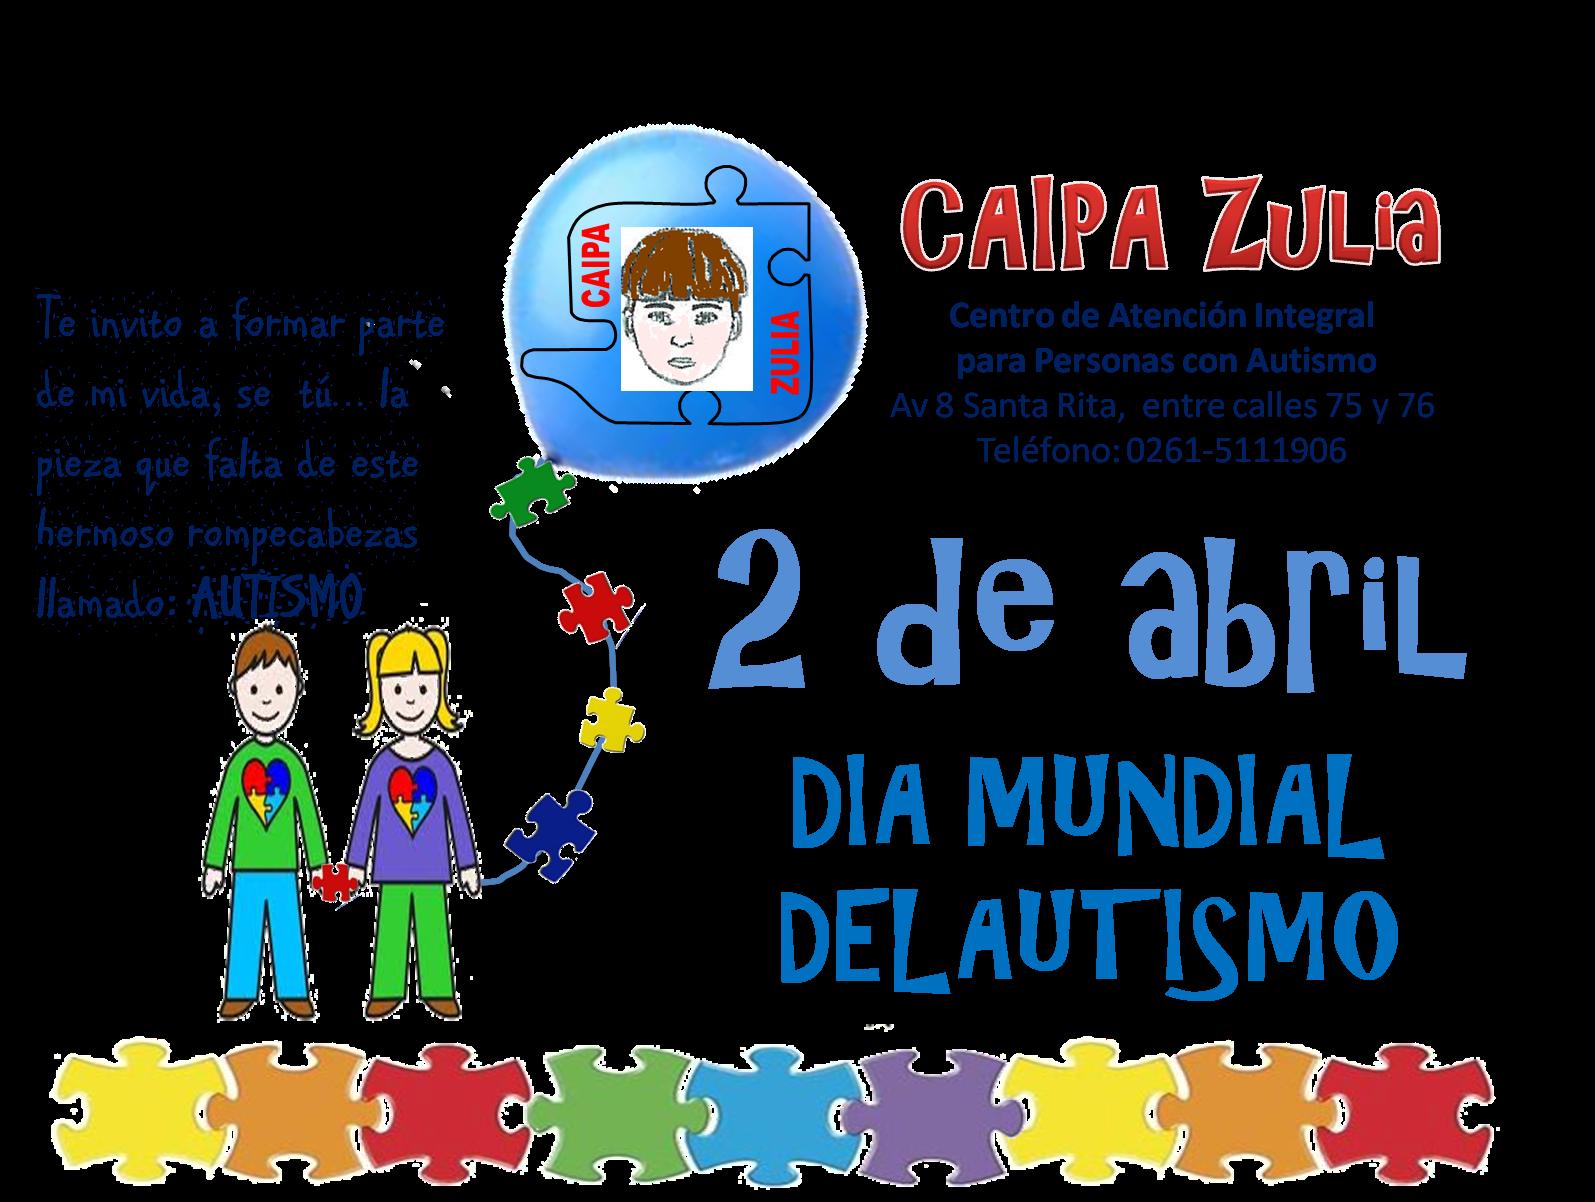 Imagenes Del Autismo Día Mundial Del Autismo